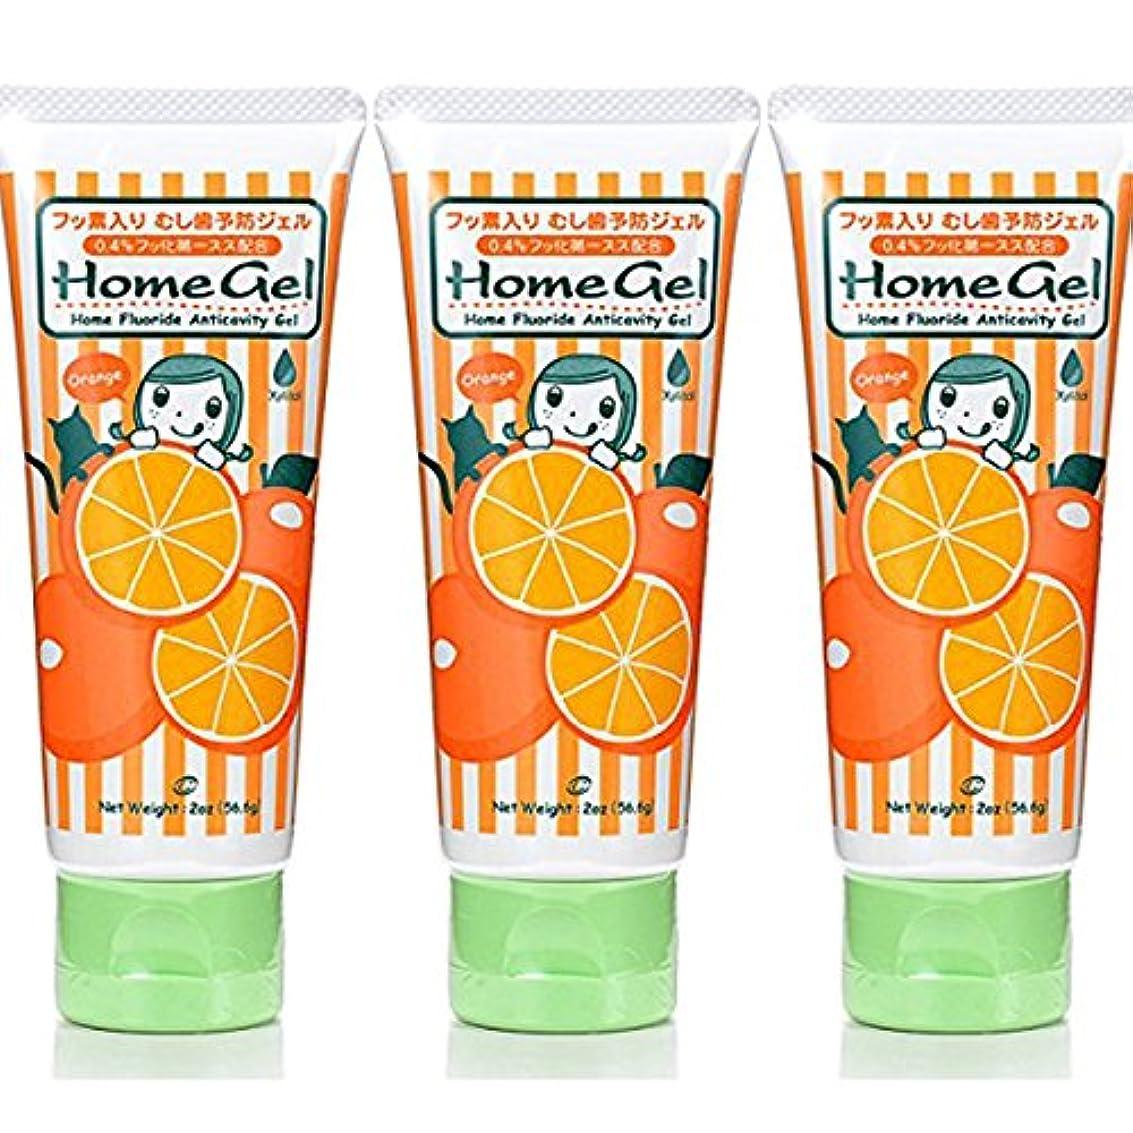 味わう大胆なに勝る塗って寝るだけ オーラルケア ホームジェル (フッ素+キシリトール) 56.6g オレンジ 3個セット